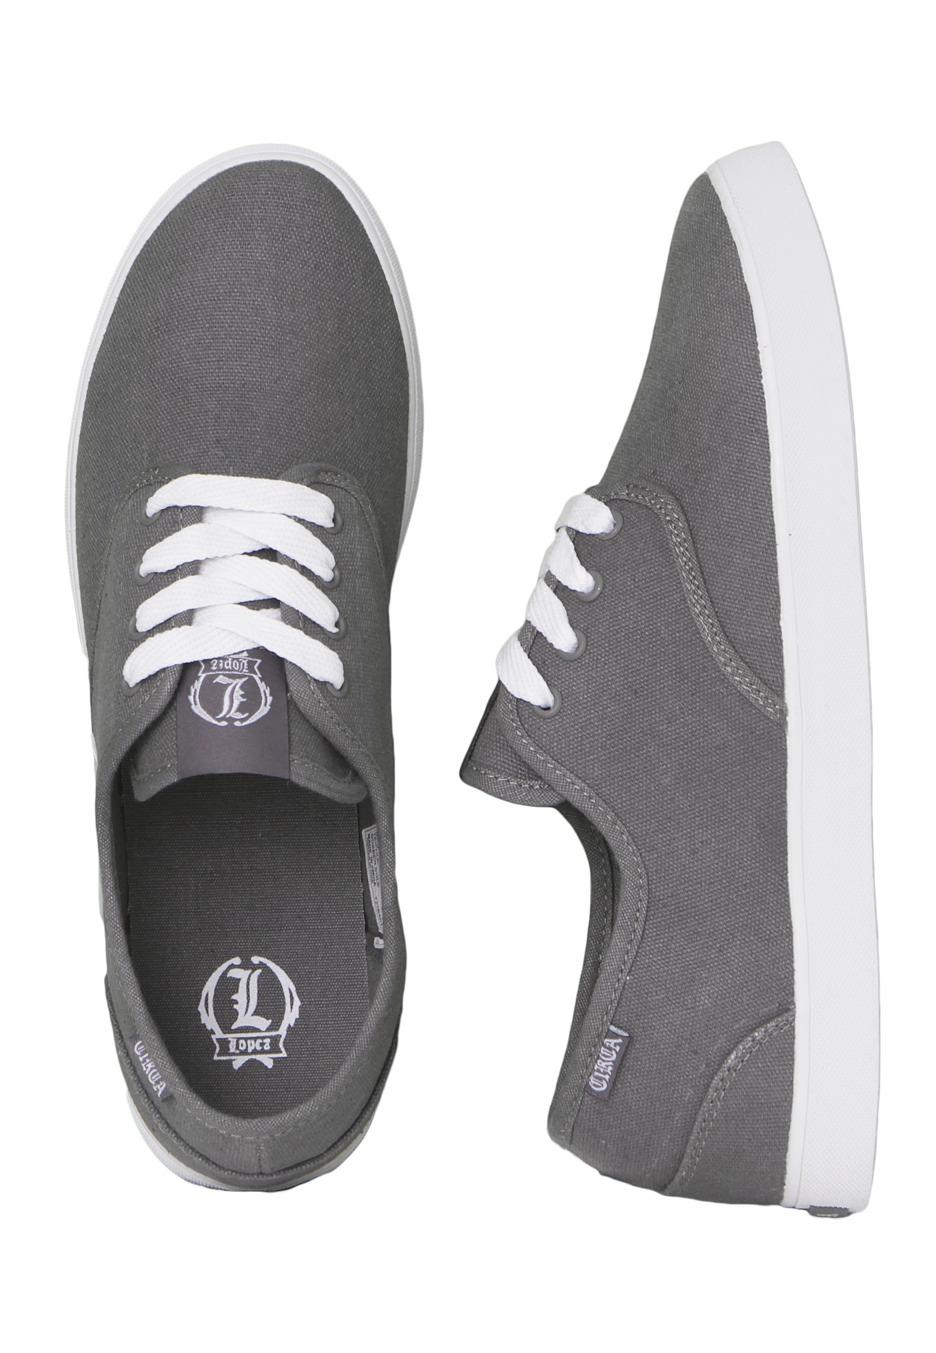 d895e759f9 C1RCA - Lopez 13 Grey - Shoes - Impericon.com UK